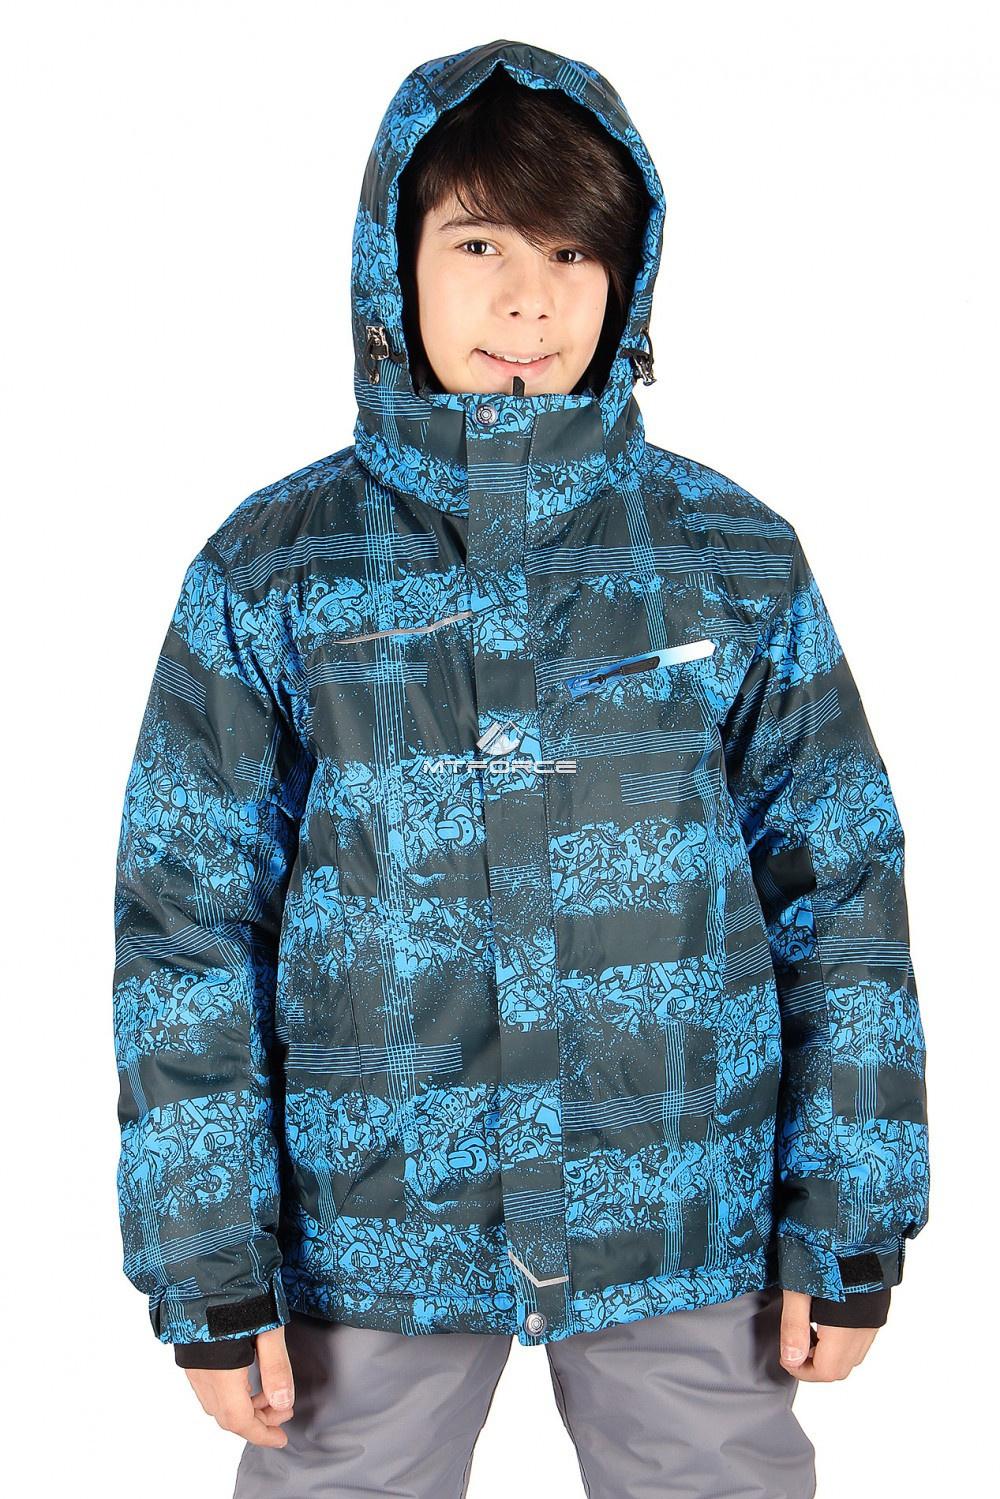 Купить оптом Костюм горнолыжный  для мальчика синего цвета 545-1S в  Красноярске